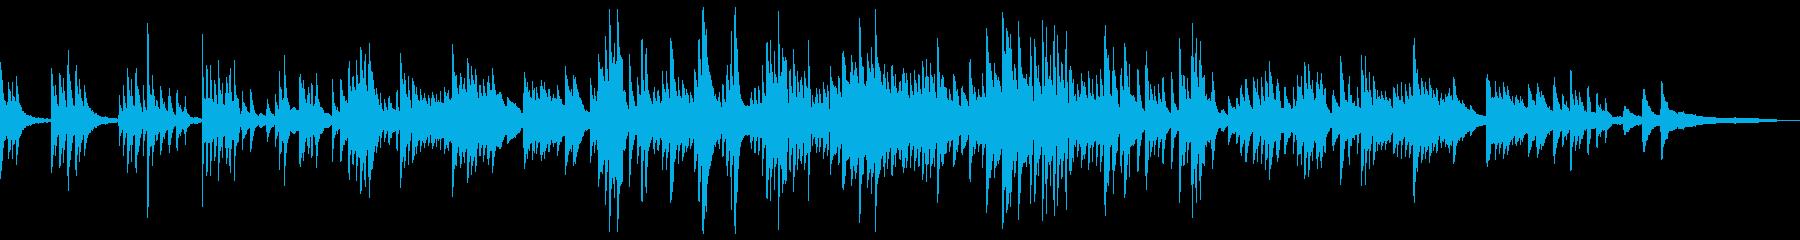 わらべ歌の和風曲2a-タックピアノの再生済みの波形